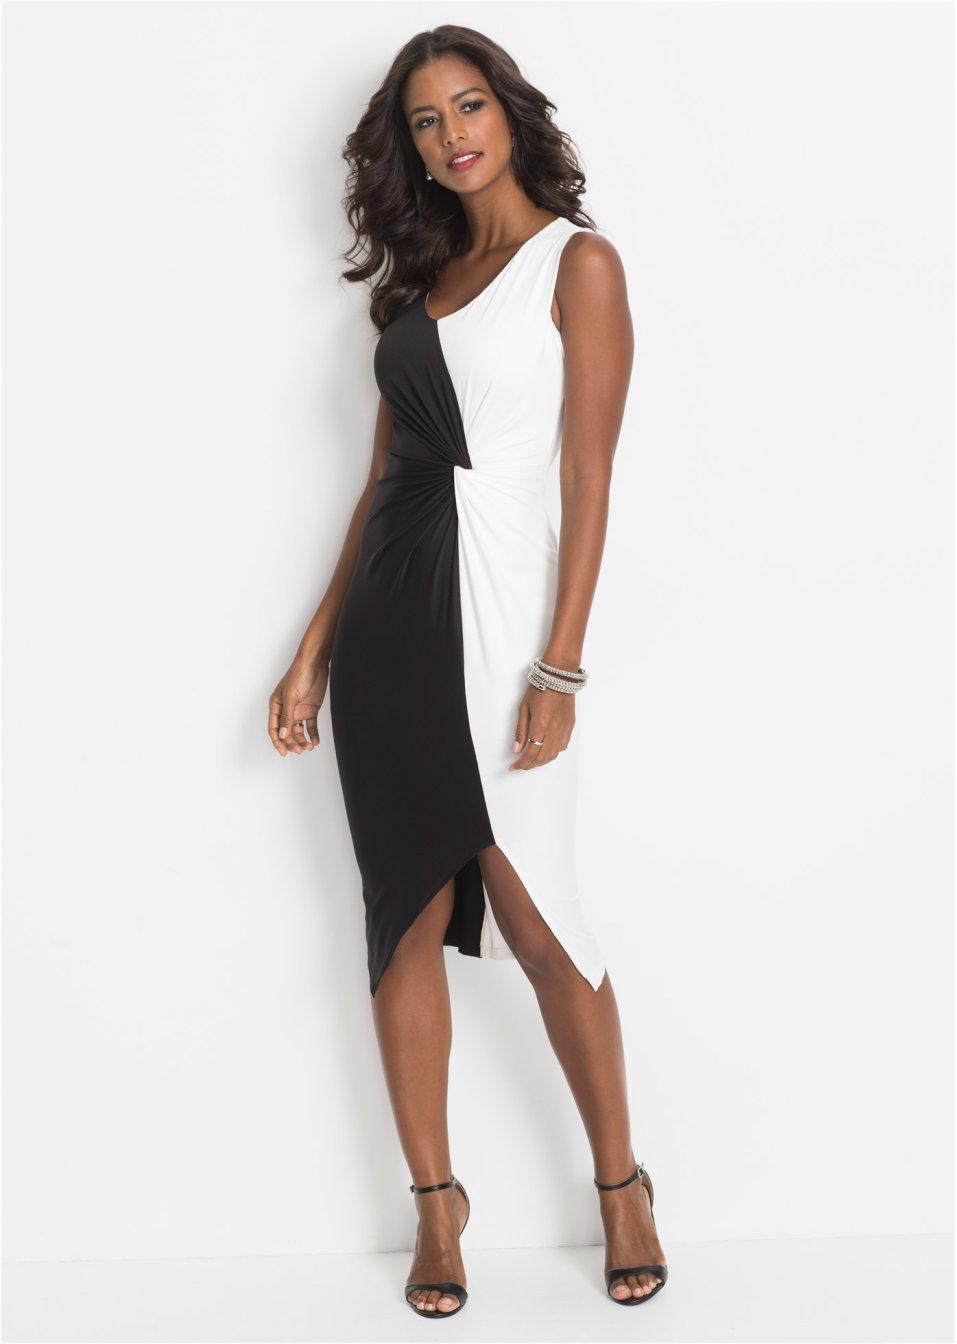 Kleid mit Knotendetail schwarz/weiß - BODYFLIRT boutique ...